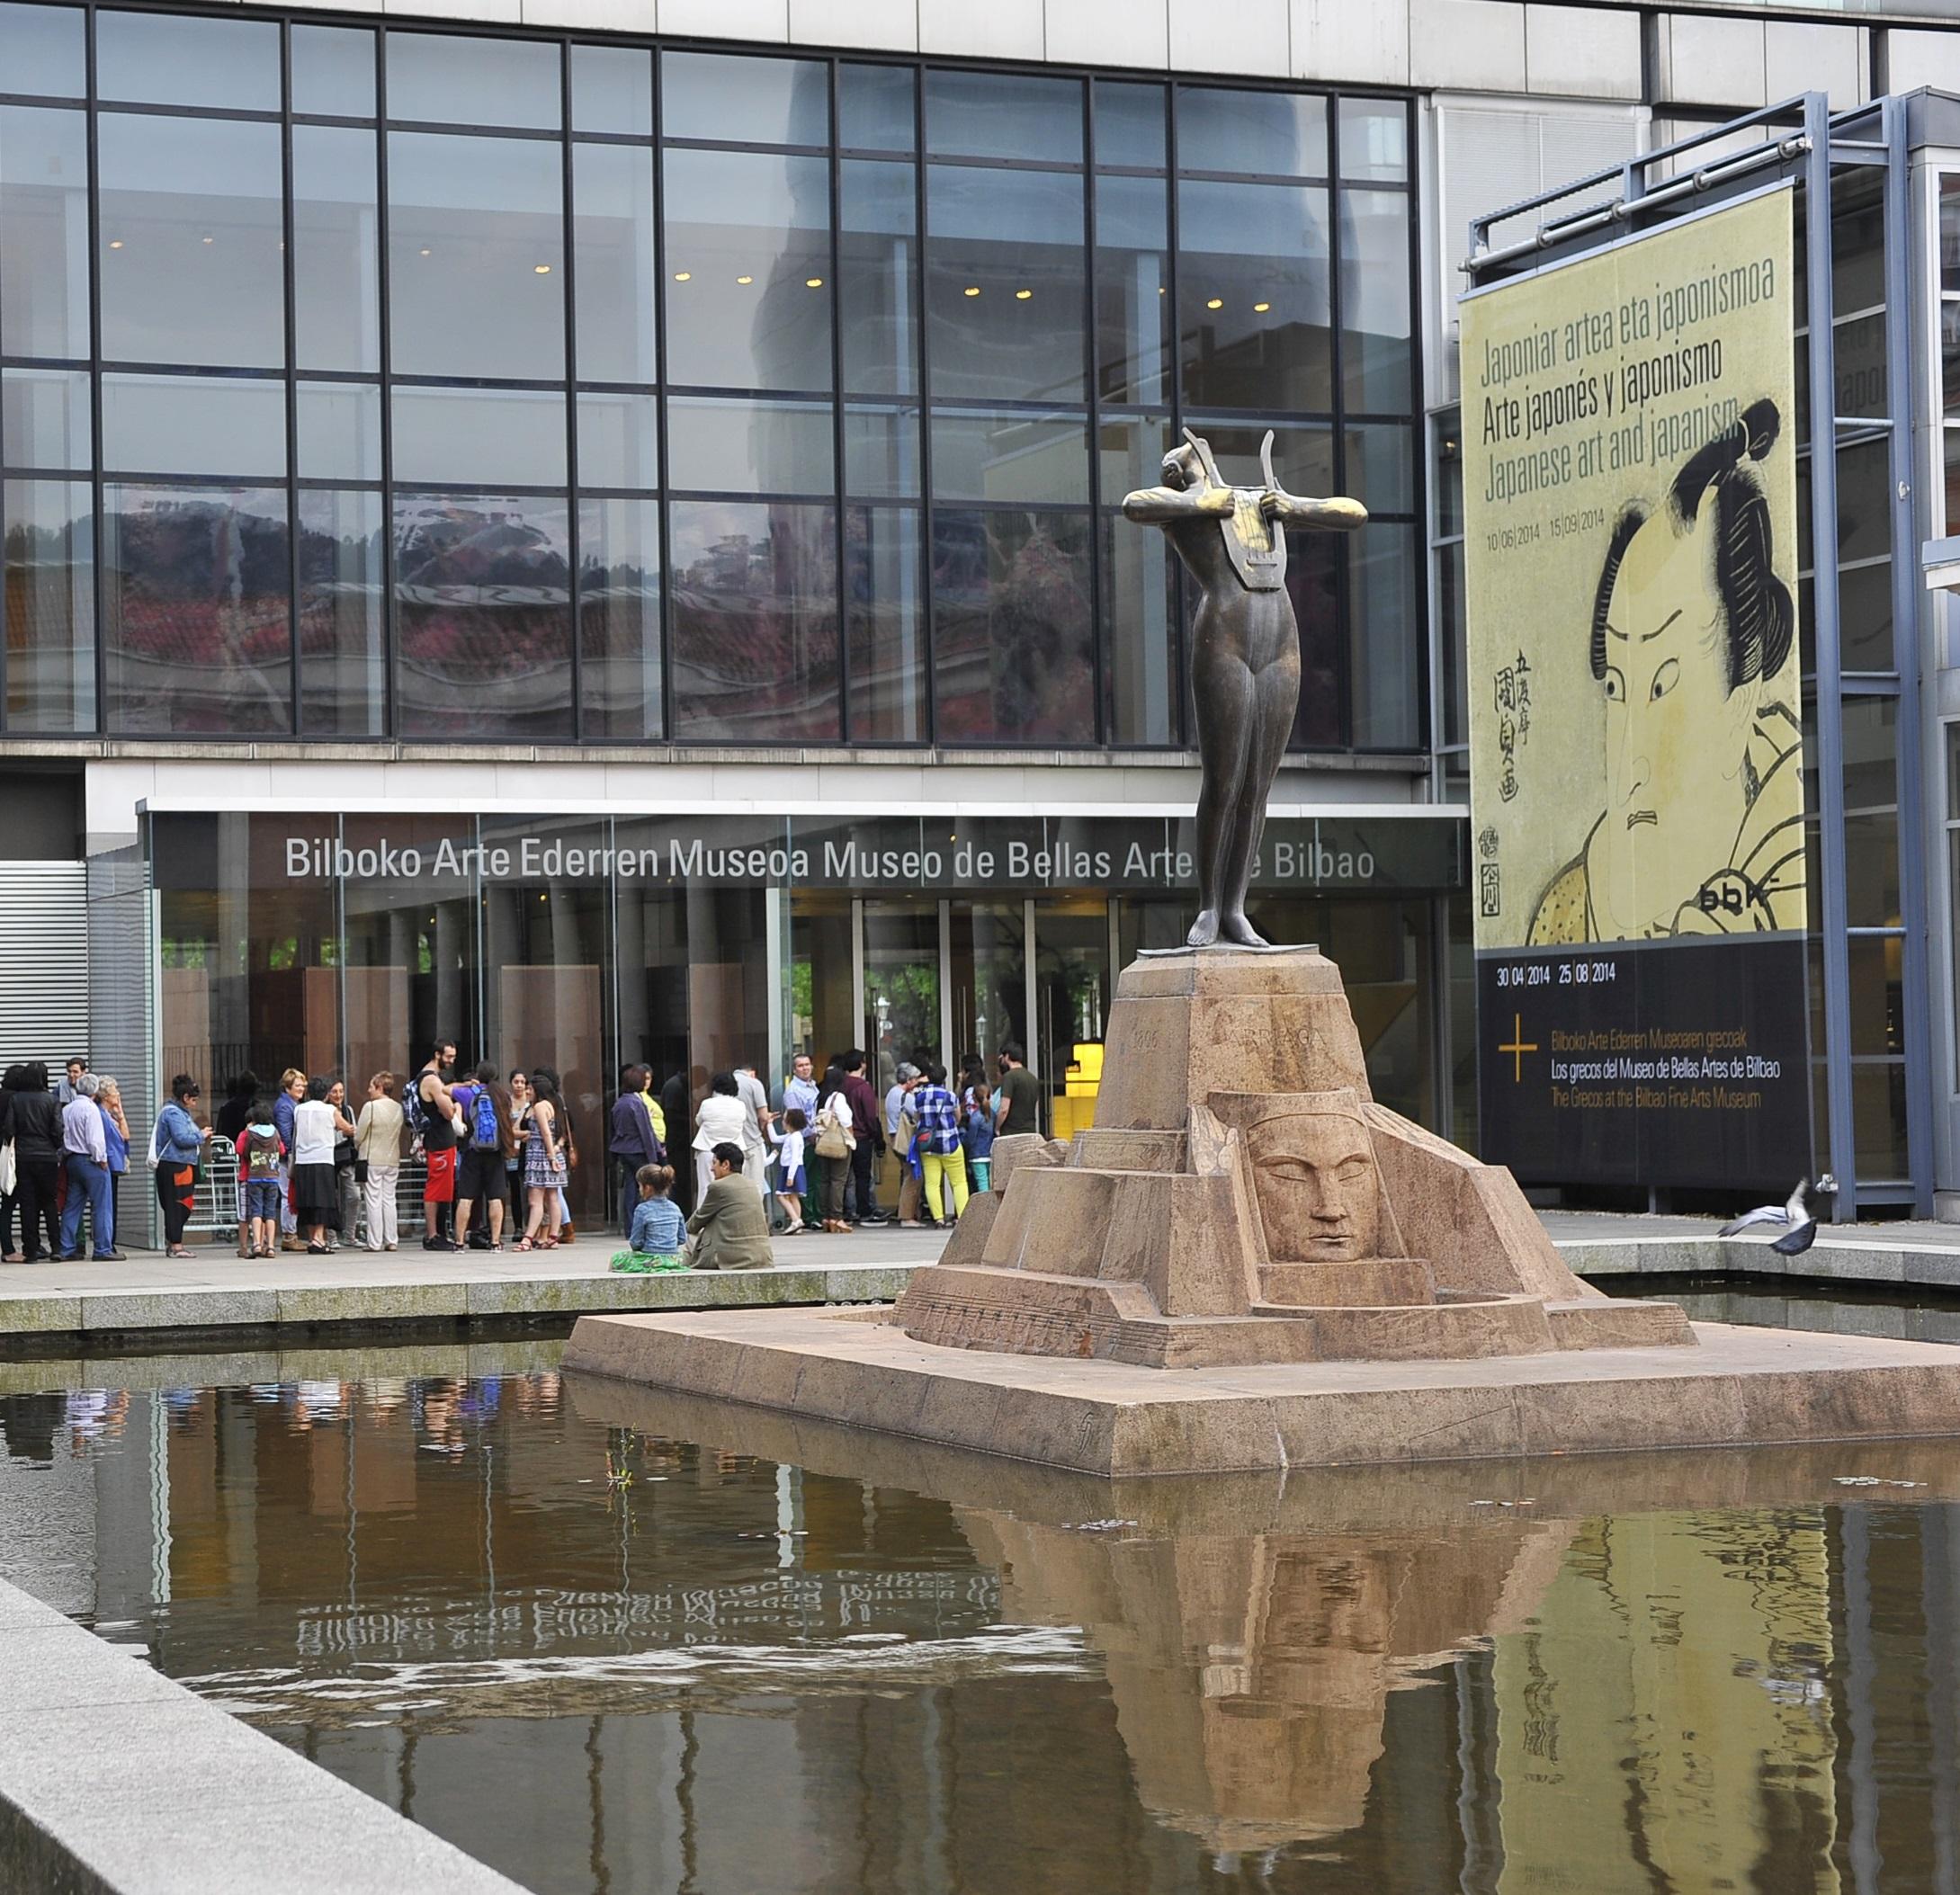 BILBOKO ARTE EDER MUSEOA 1